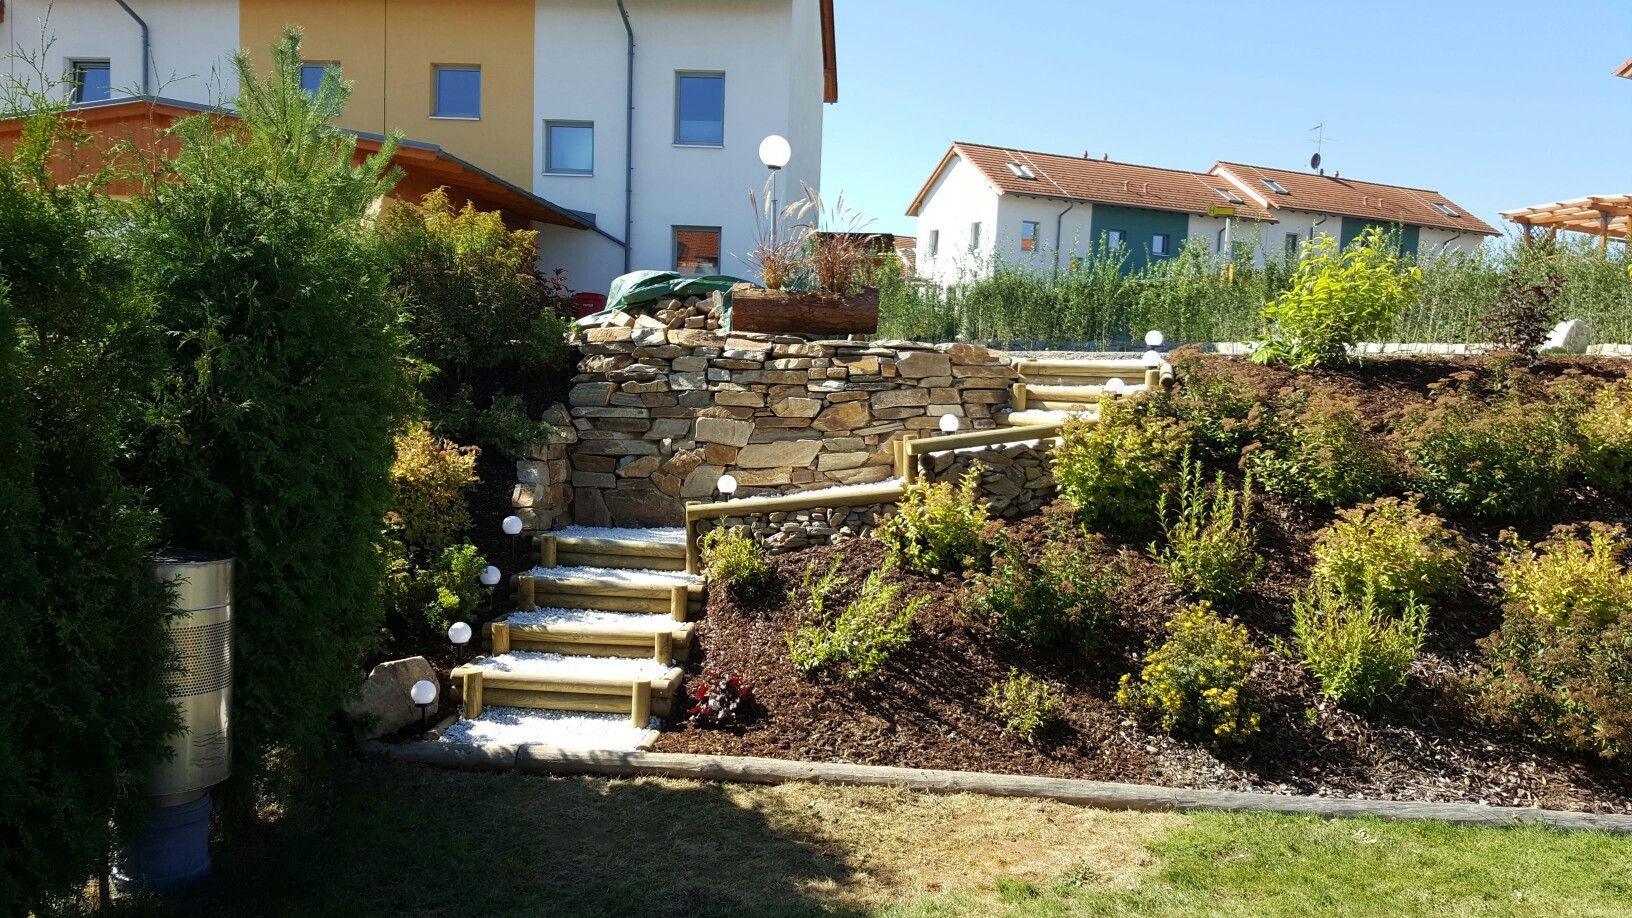 stiegeimgarten #garten #selbstgemacht #stiege #steine #kies #marmor ...